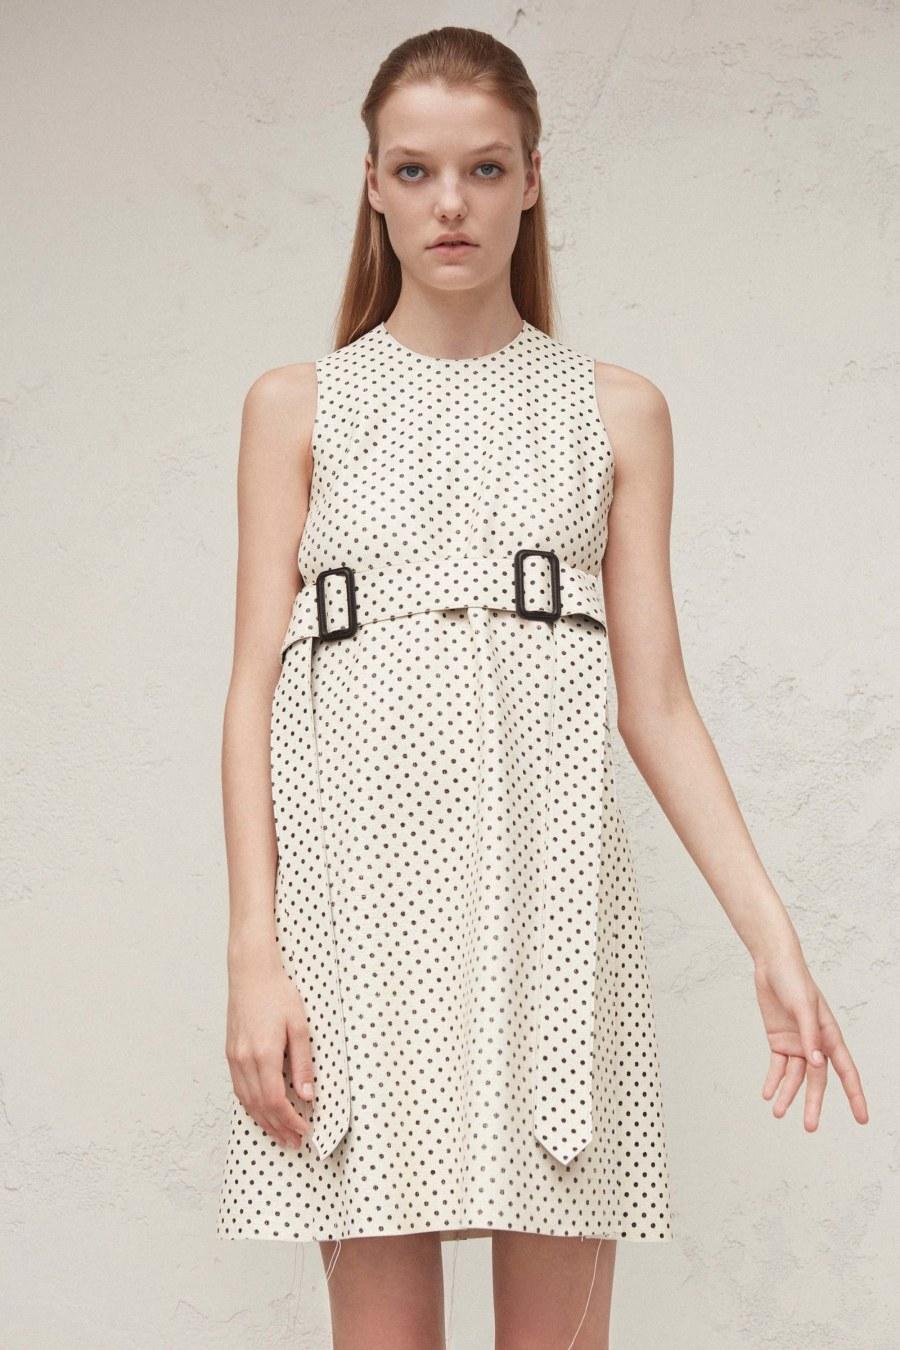 Calvin Klein Resort 2017 - FashionWonderer (9)